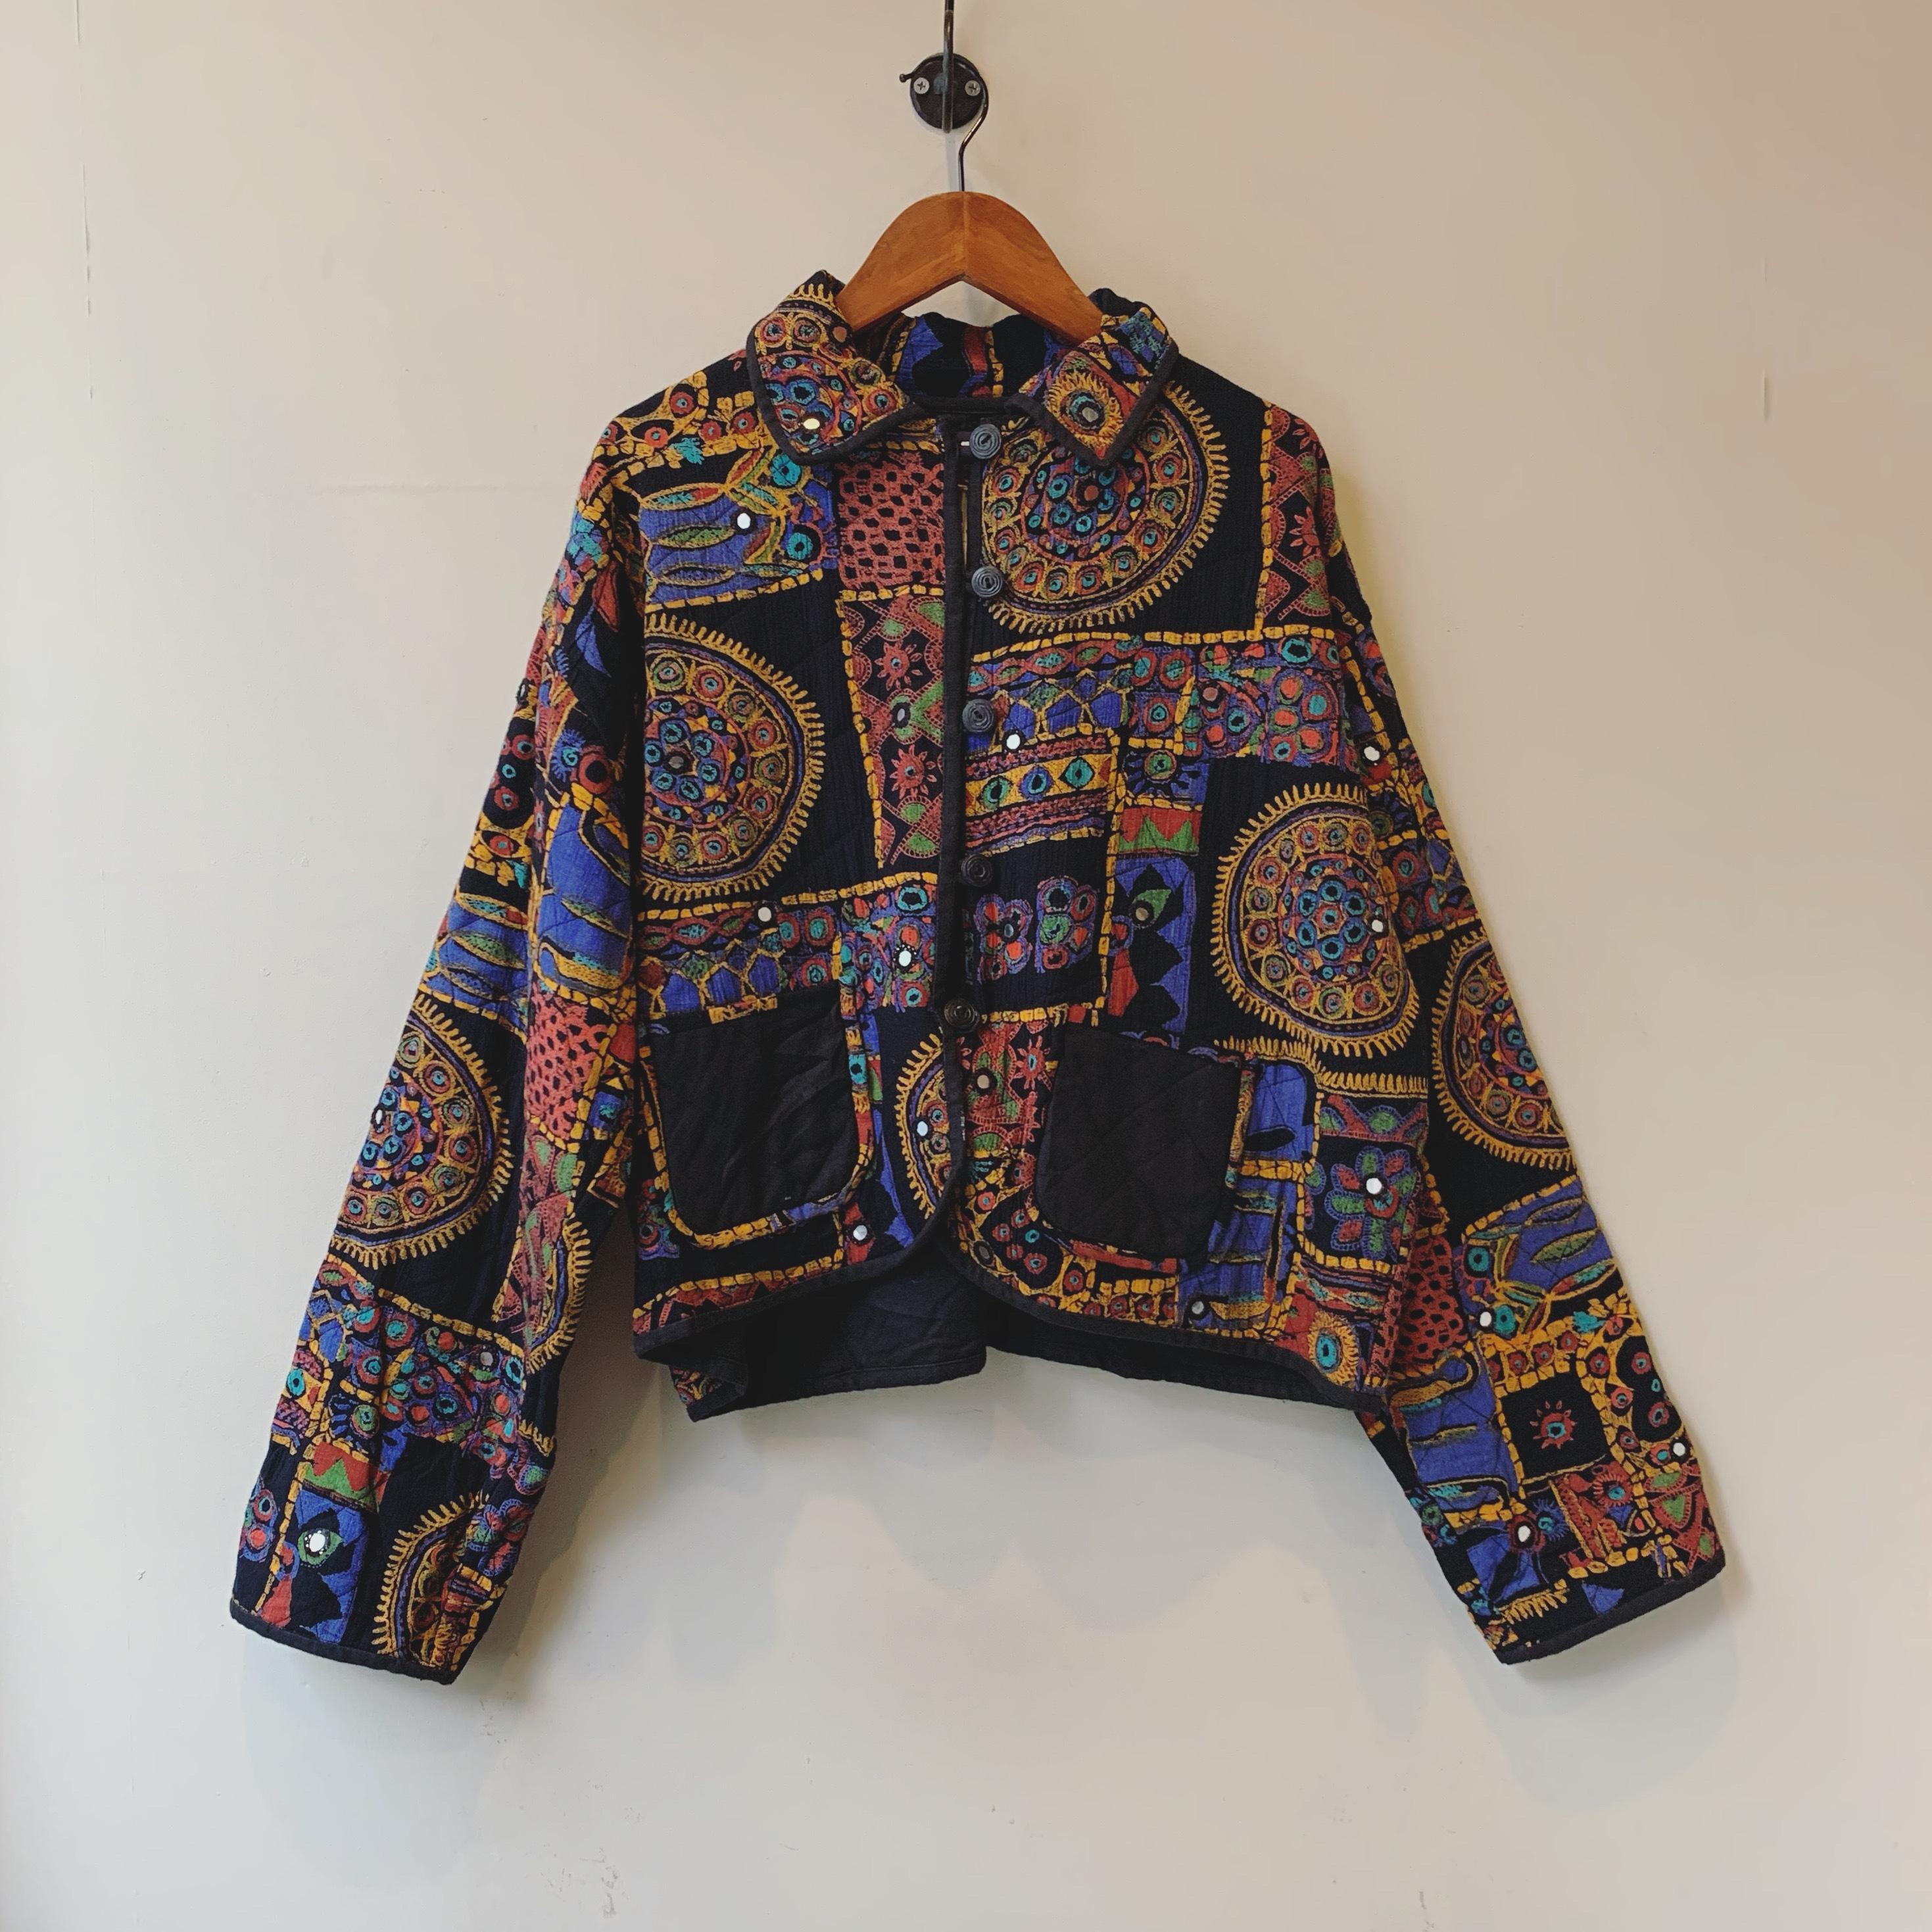 vintage mirrorwork quilted reveseble jacket